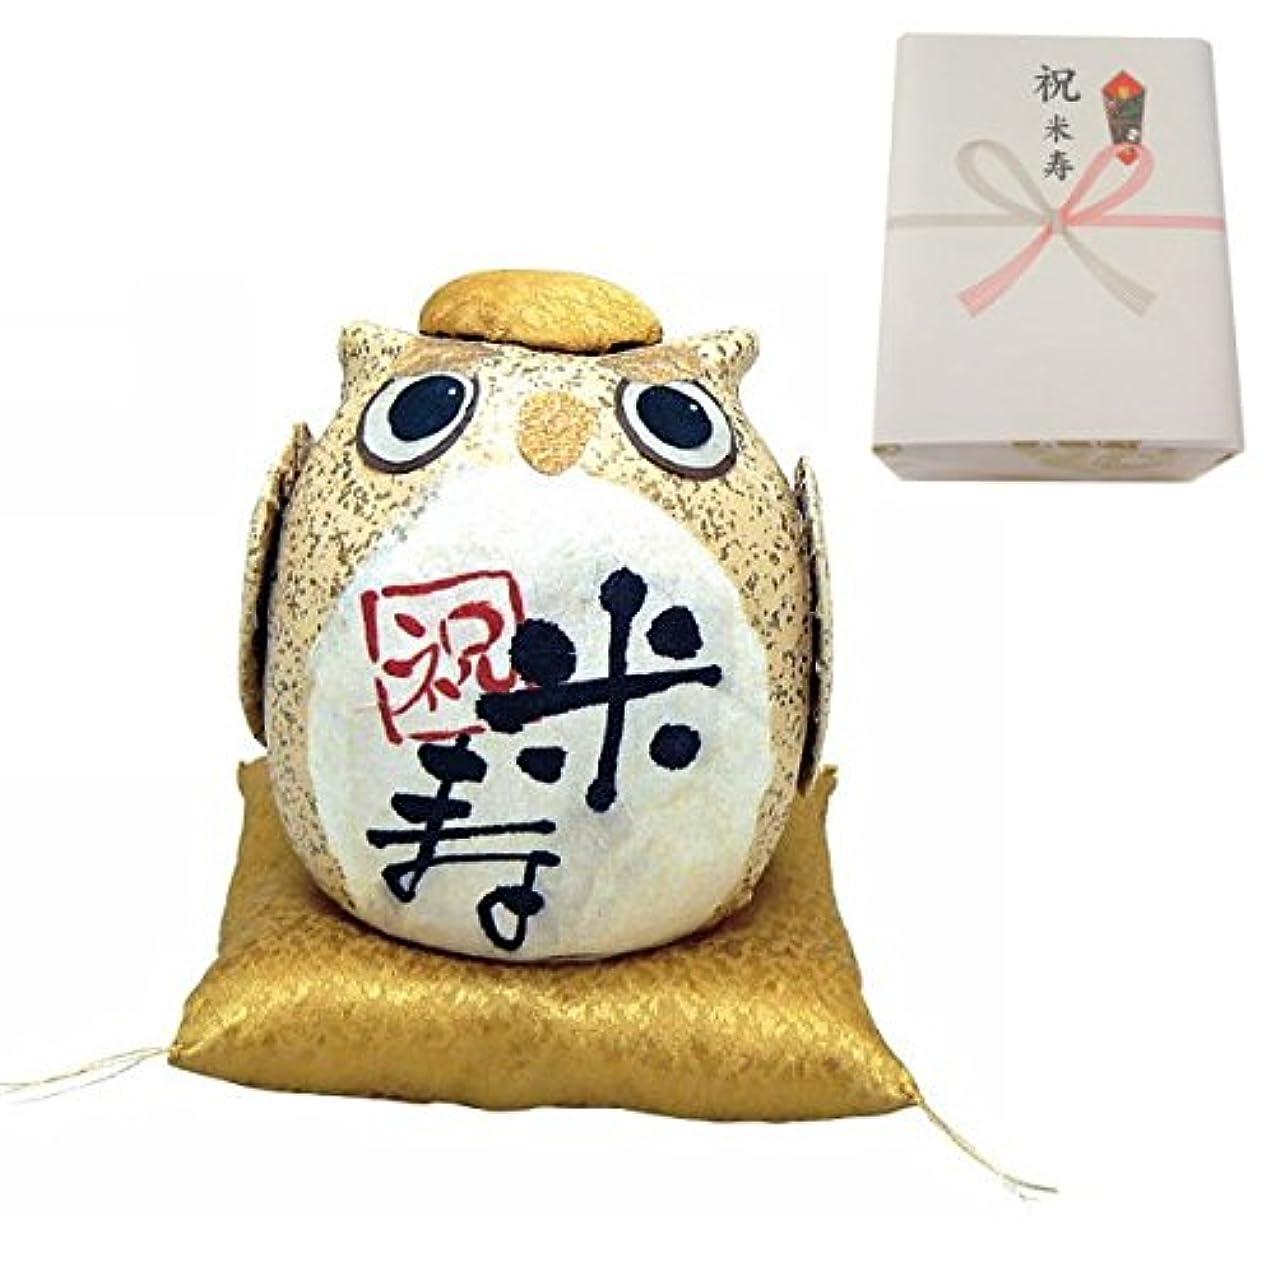 事膨らませる愛撫ちぎり和紙 長寿の祝いふくろう 米寿  (包装?熨斗済商品)